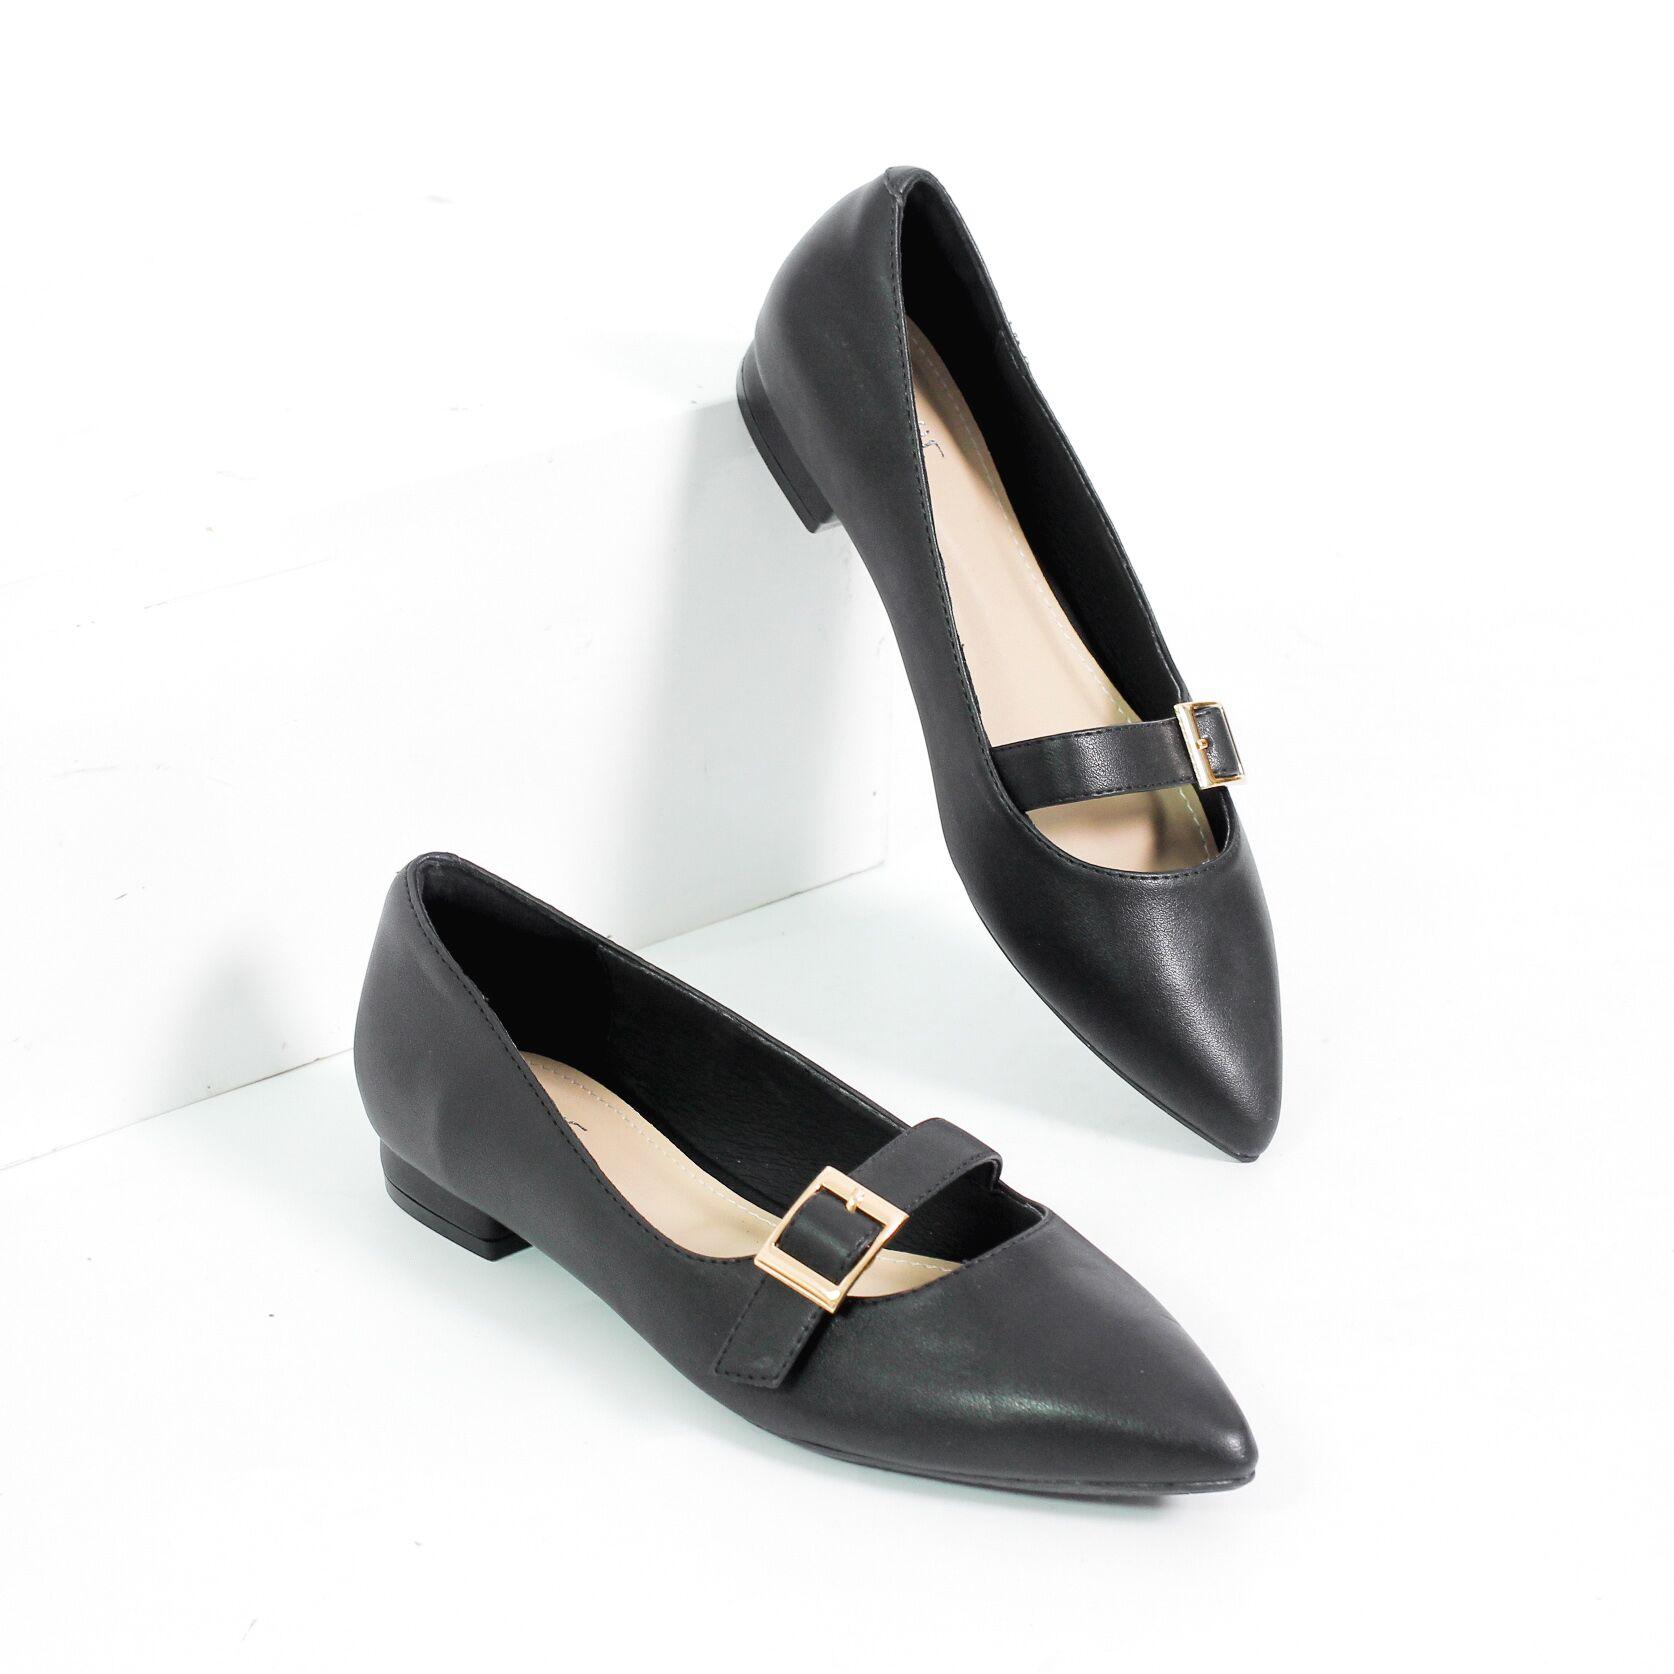 Giá bán Giày lười cho nữ kiểu mũi nhọn